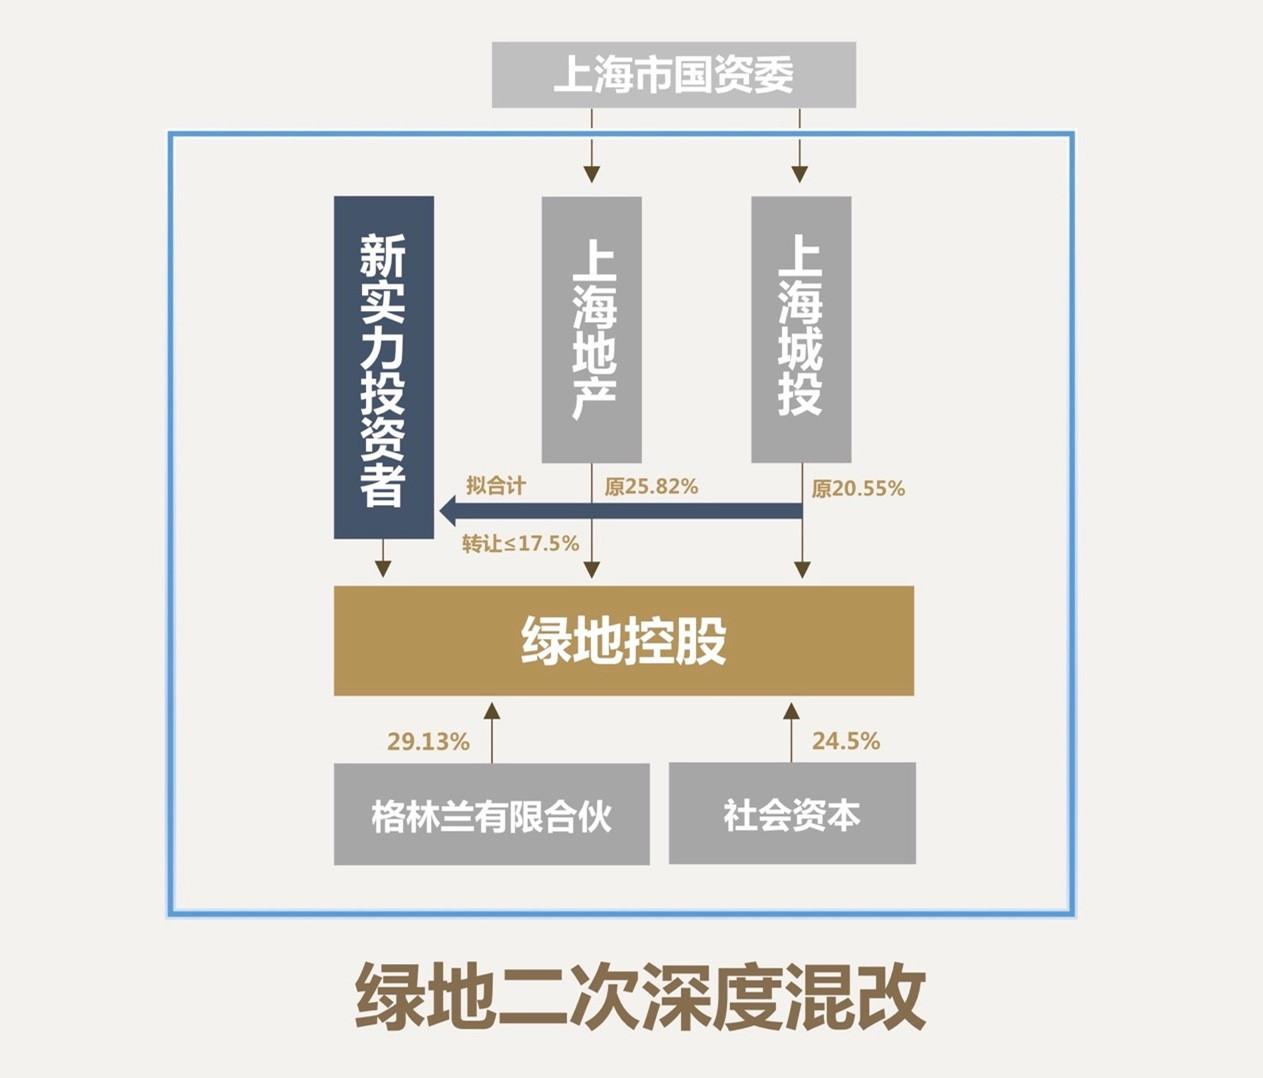 杏悦:二次混改涉资或超145亿能否扭转杏悦市值缩图片